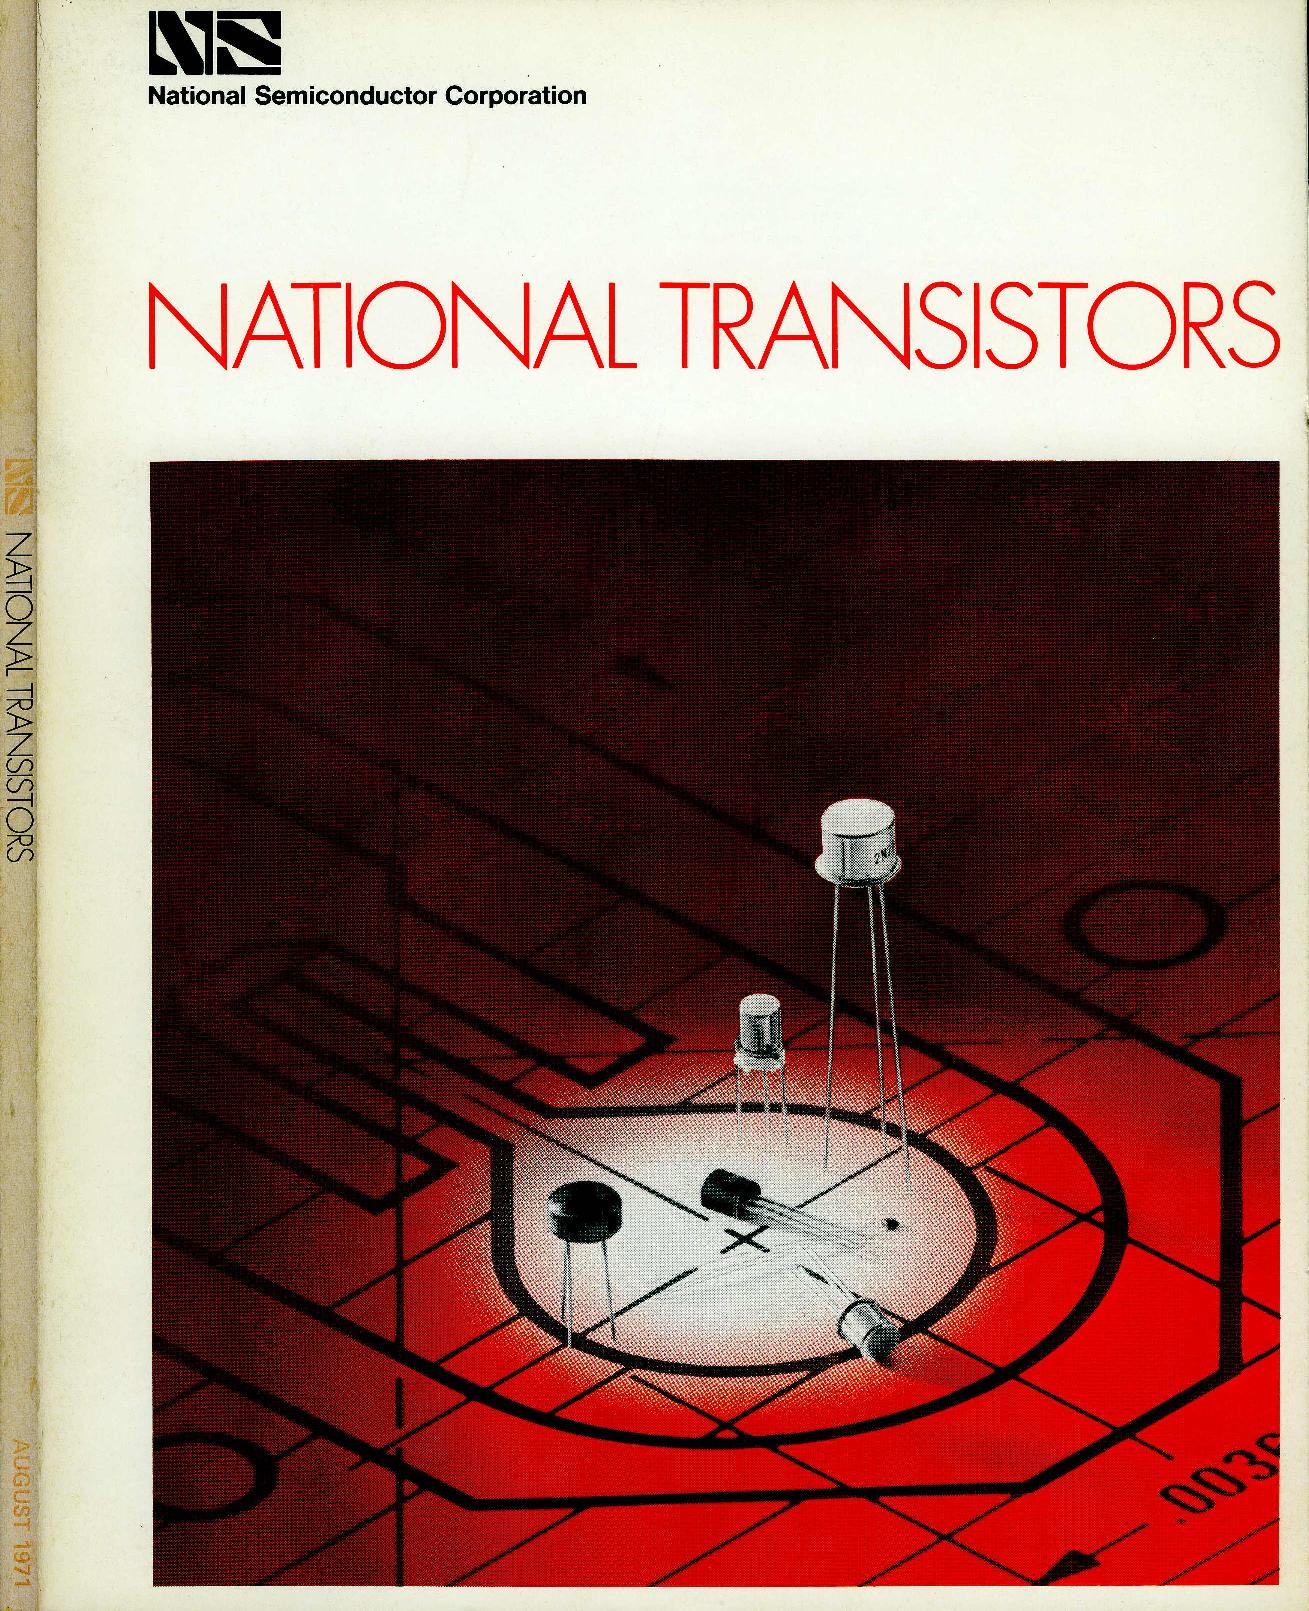 LOT OF MPF112 NPN FET TRANSISTORS S